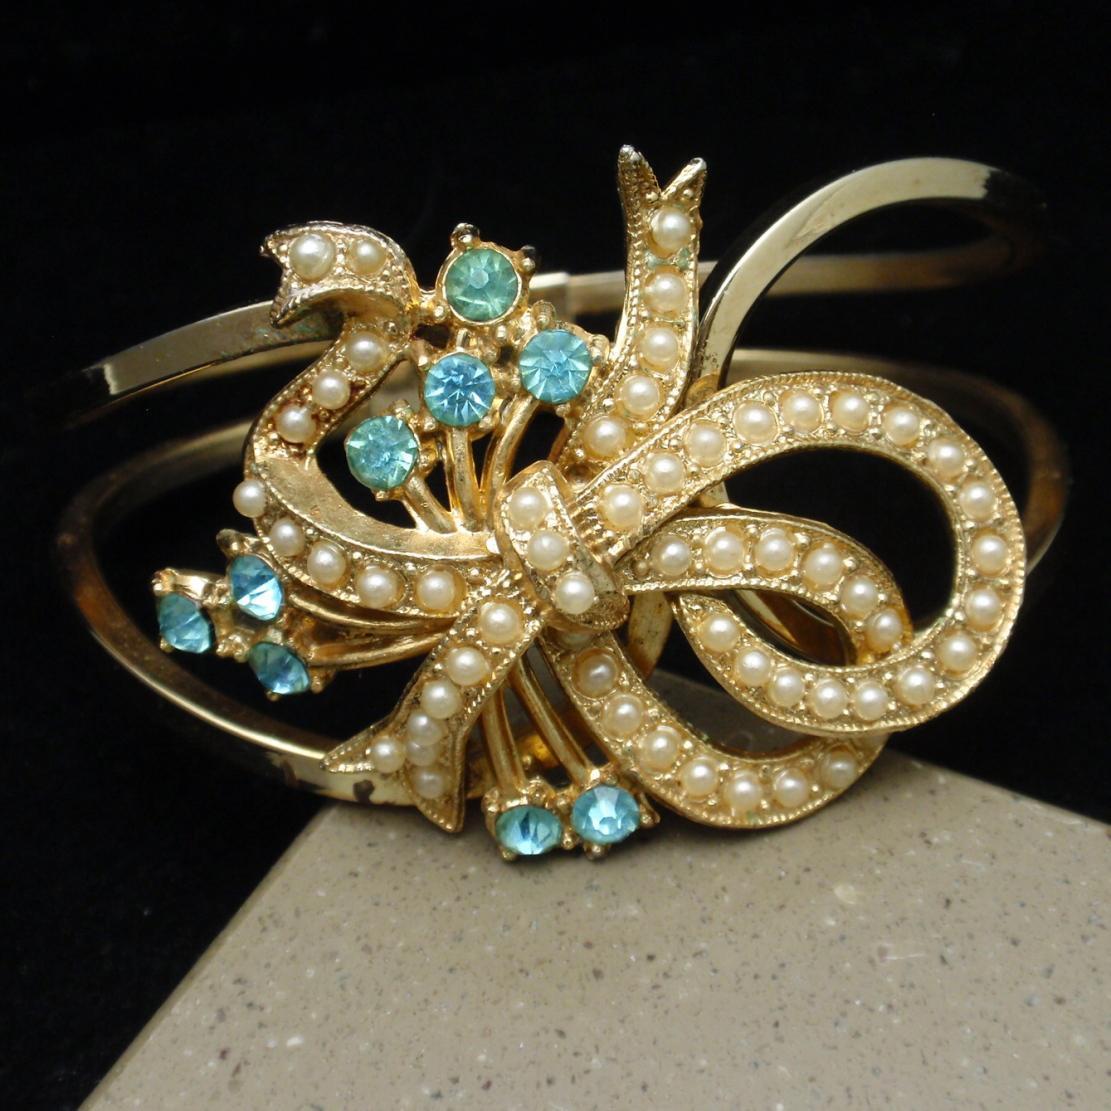 Wrist Corsage Clamper Bracelet Rhinestones Imitation Pearls Vintage